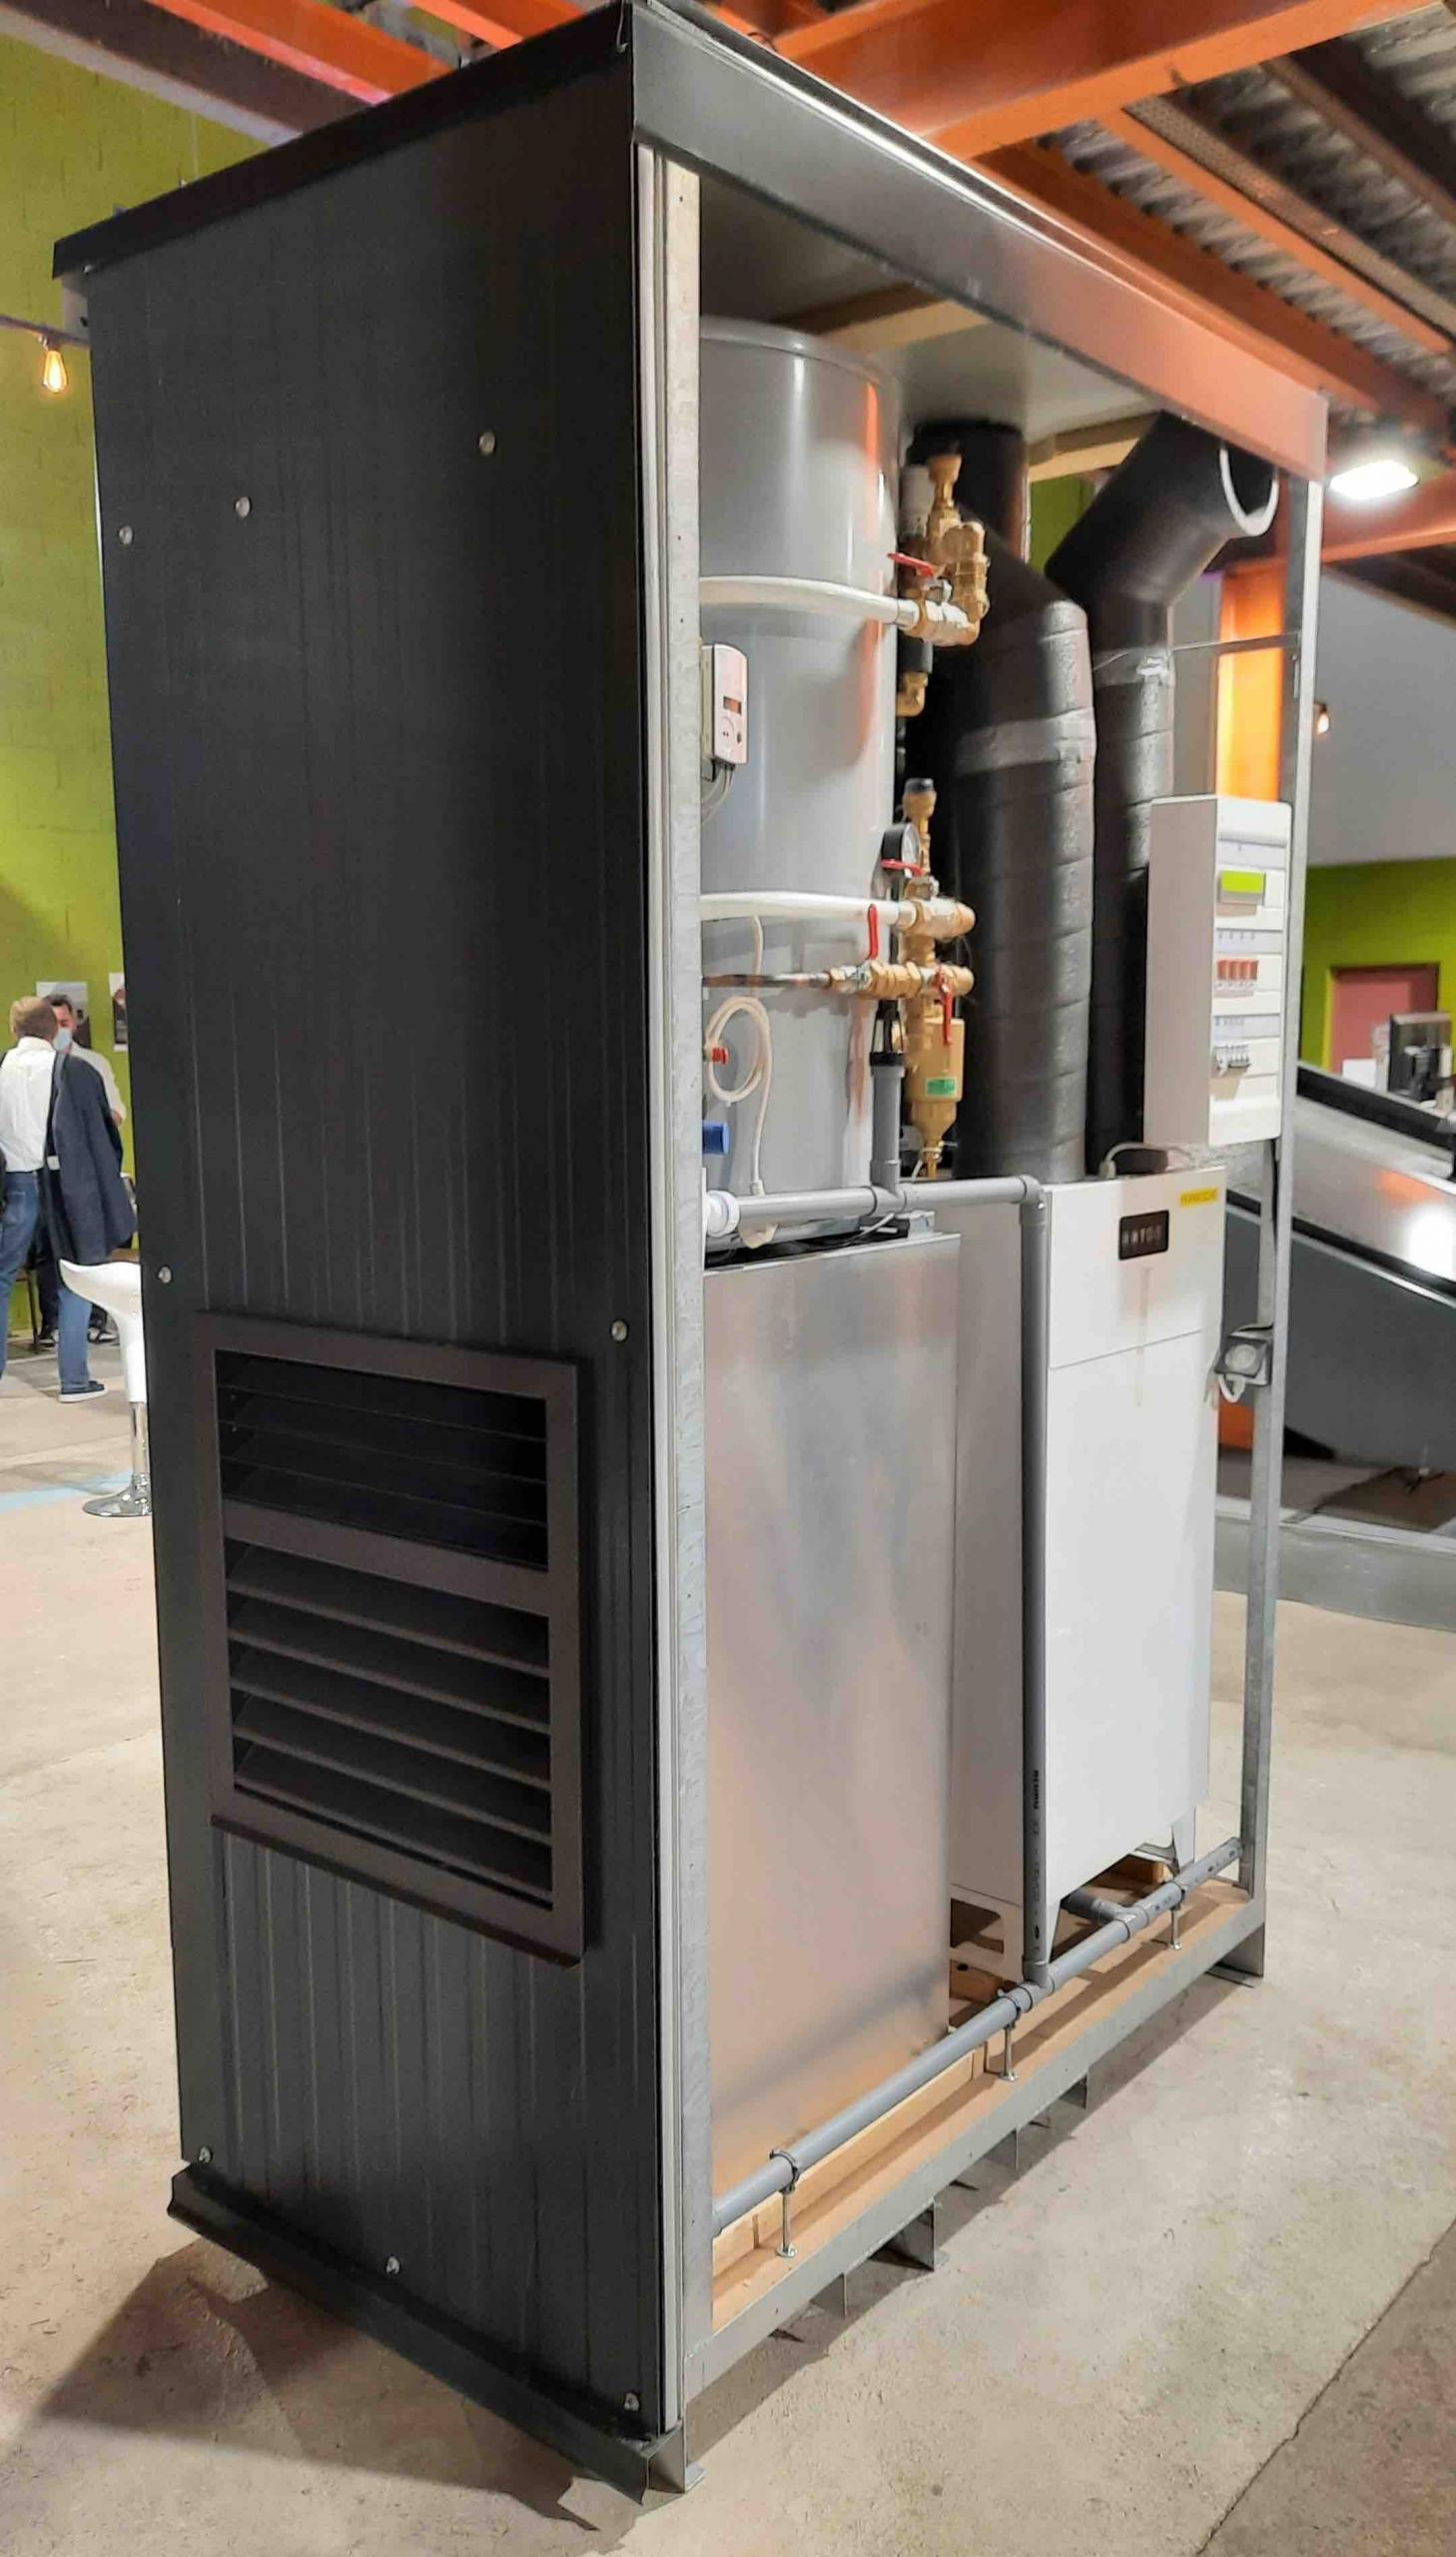 Module energie ENERPOD batiment collectif - concours EnergieSprong Lauréat 2020 - AMZAIR pompe à chaleur